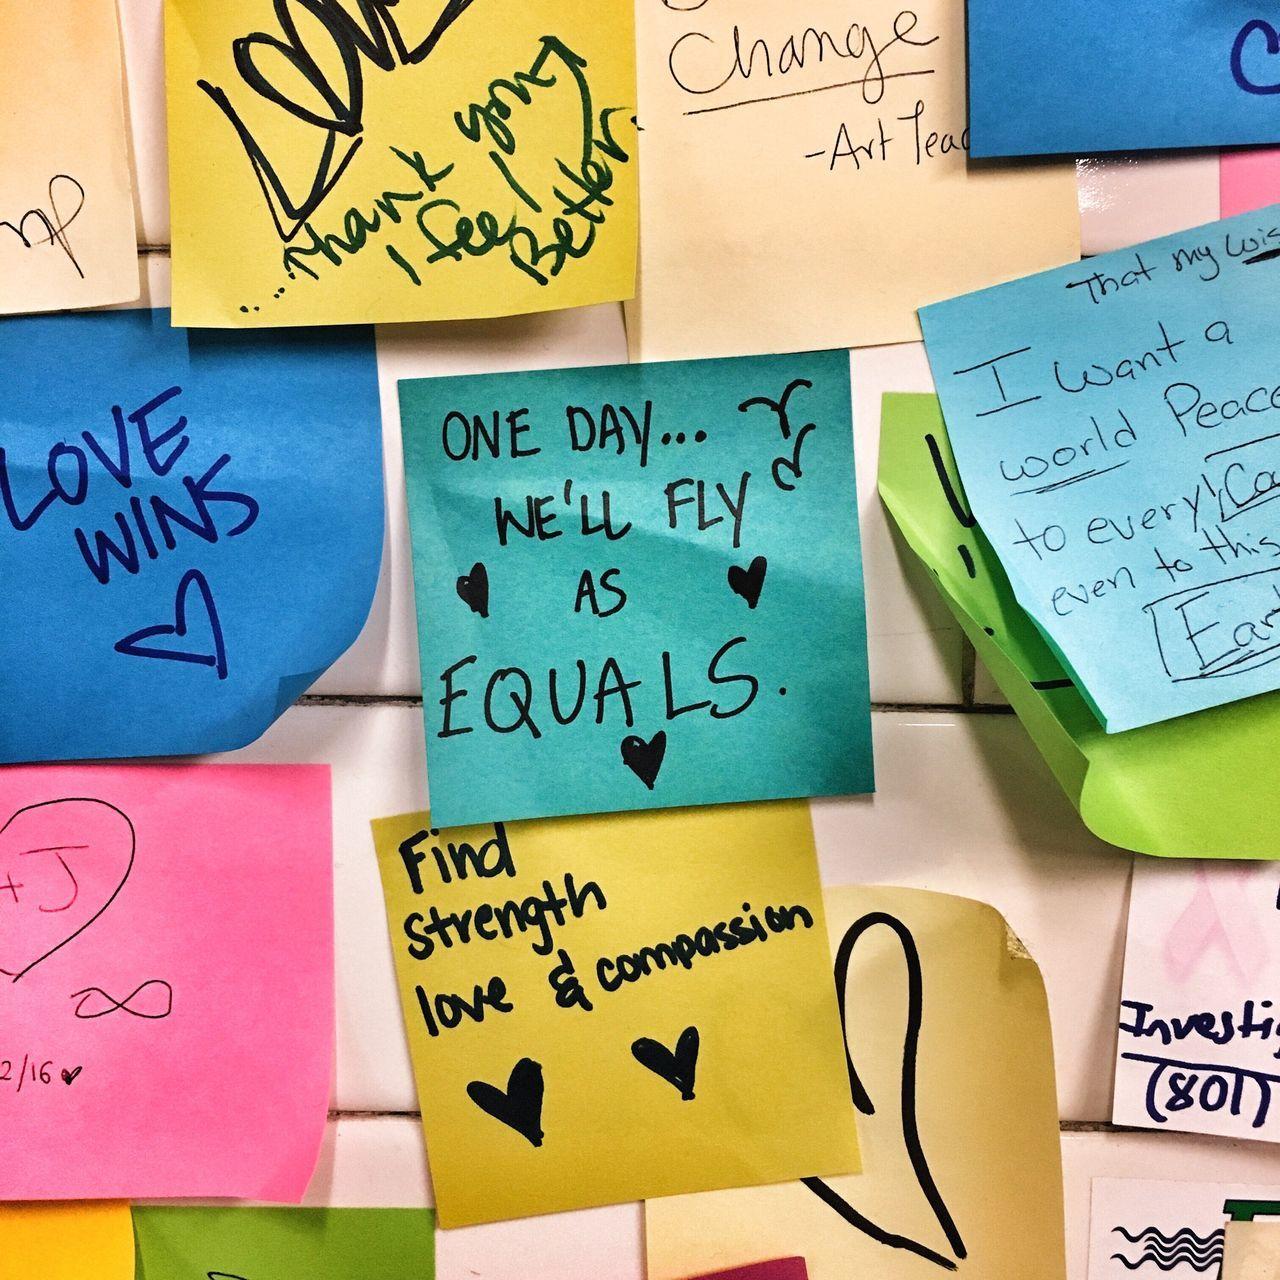 Love Trumps Hate Union Square  Communal Compassion